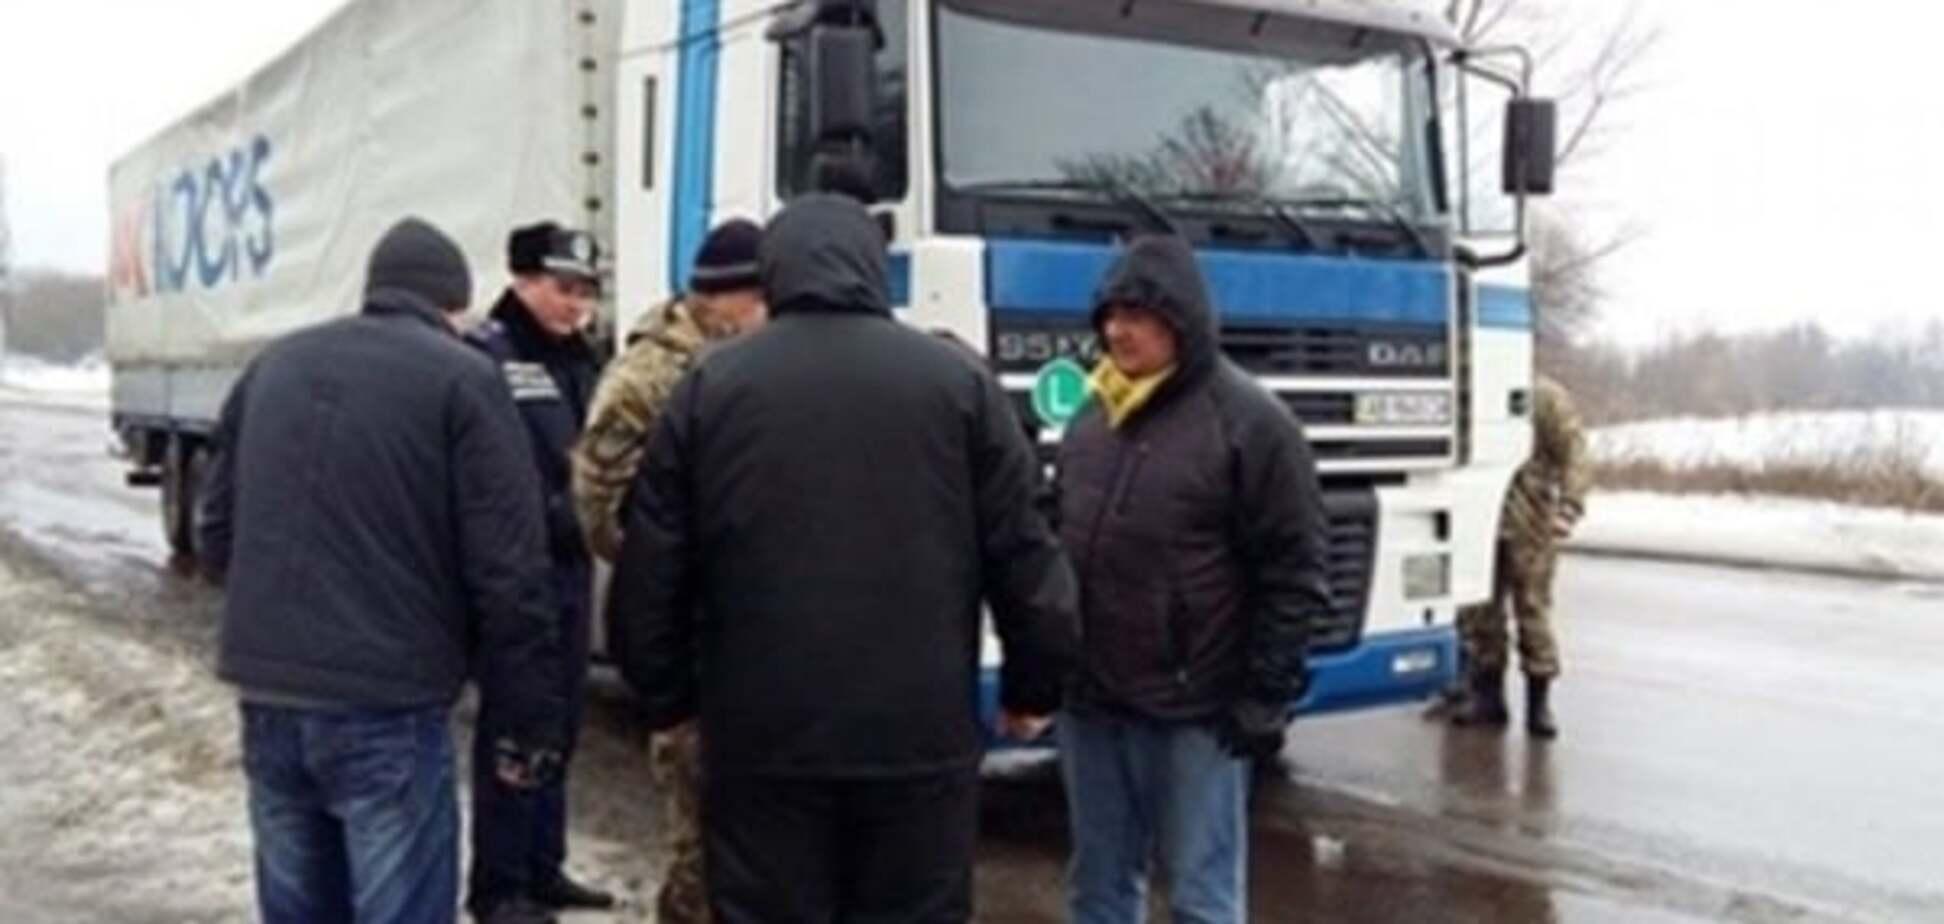 На поклон к Киеву: Минтранс России попросил о прекращении транзитной блокады